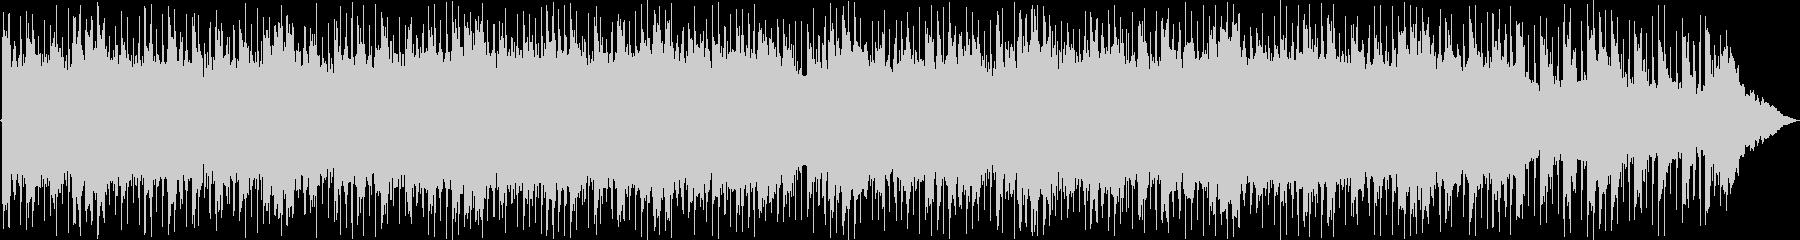 前向きなイメージのキラキラ系BGMの未再生の波形